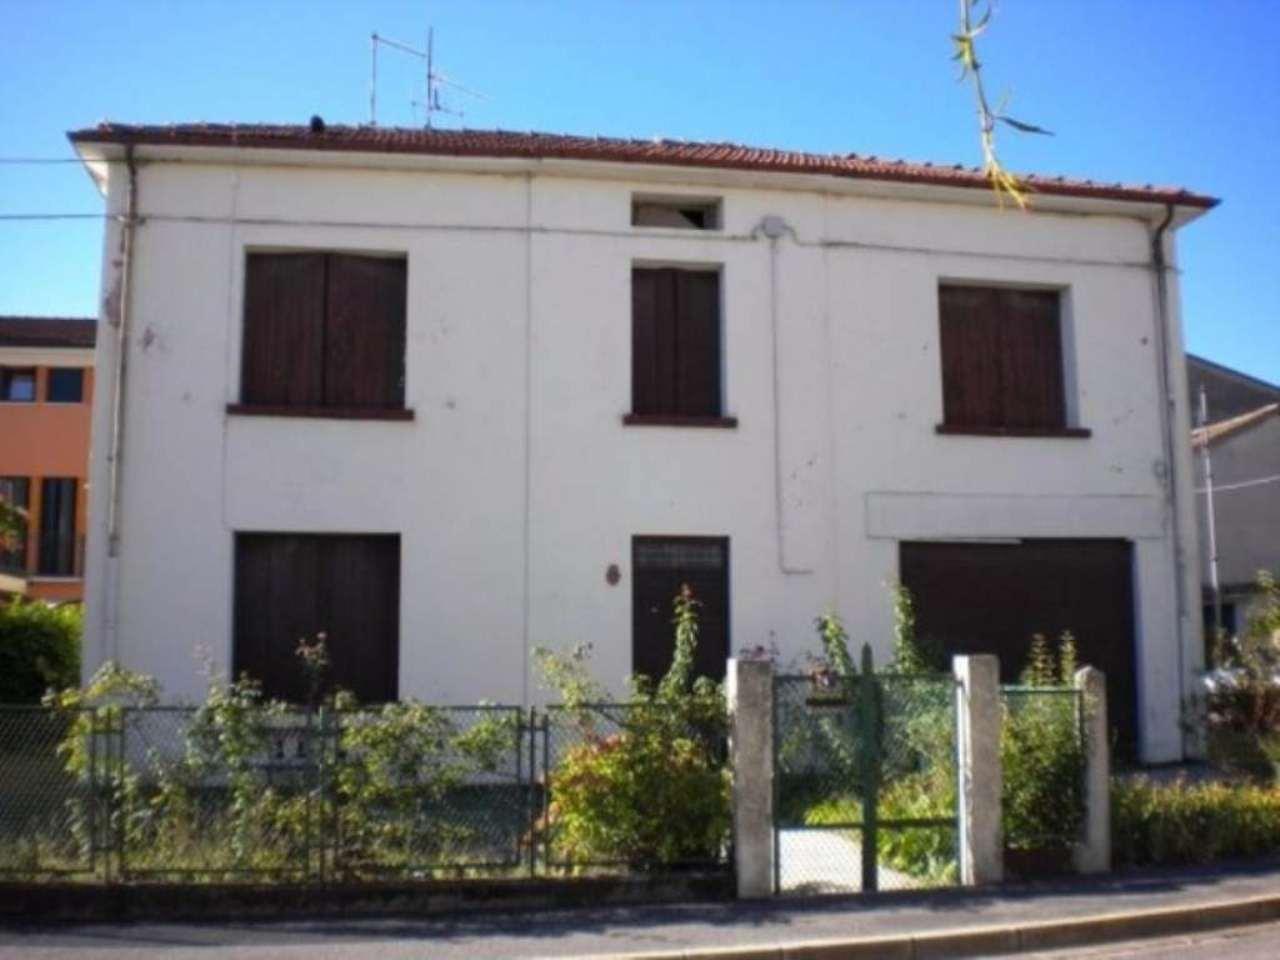 Villa in vendita a Schio, 6 locali, prezzo € 160.000 | Cambio Casa.it